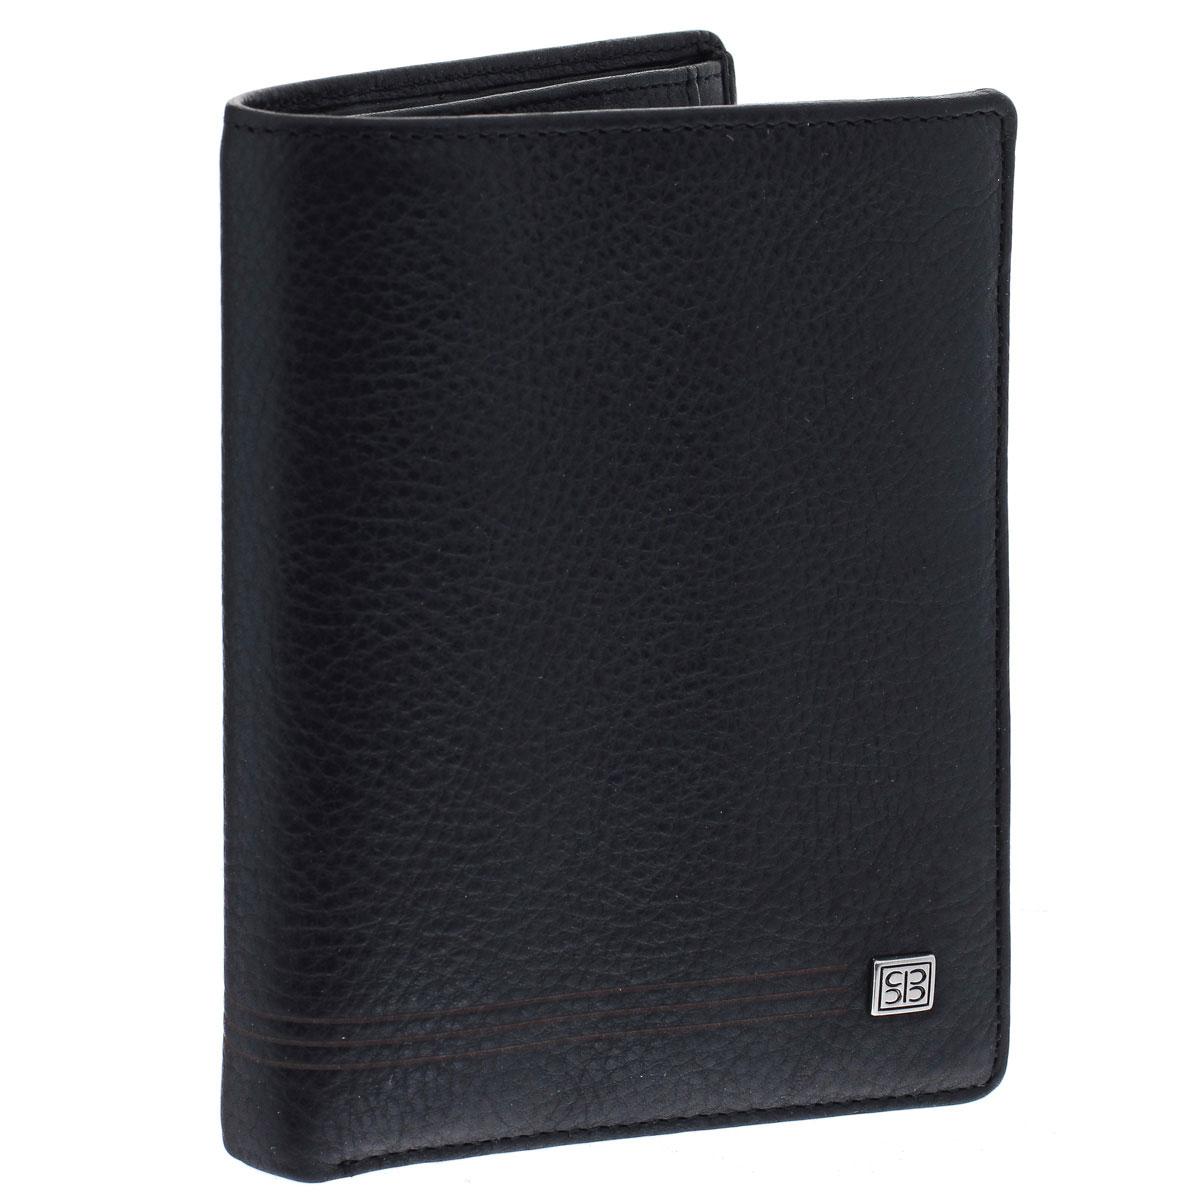 Портмоне мужское Sergio Belotti, цвет: черный. 1022W16-12129_200Вертикальное портмоне Sergio Belotti выполнено из высококачественной натуральной кожи, дубленой с использованием экстрактов растительного происхождения.Внутри два отделения для купюр, отделение для мелочи, закрывающееся клапаном на кнопке, четыре кармашка для визиток и пластиковых карт, пять карманов для мелких бумаг, а также откидное отделение с карманом сеточкой, потайным кармашком и четырьмя карманами для карт.Изделие упаковано в коробку из плотного картона с логотипом бренда.Это классическое портмоне непременно подойдет к вашему образу и порадует простотой, стилем и функциональностью.